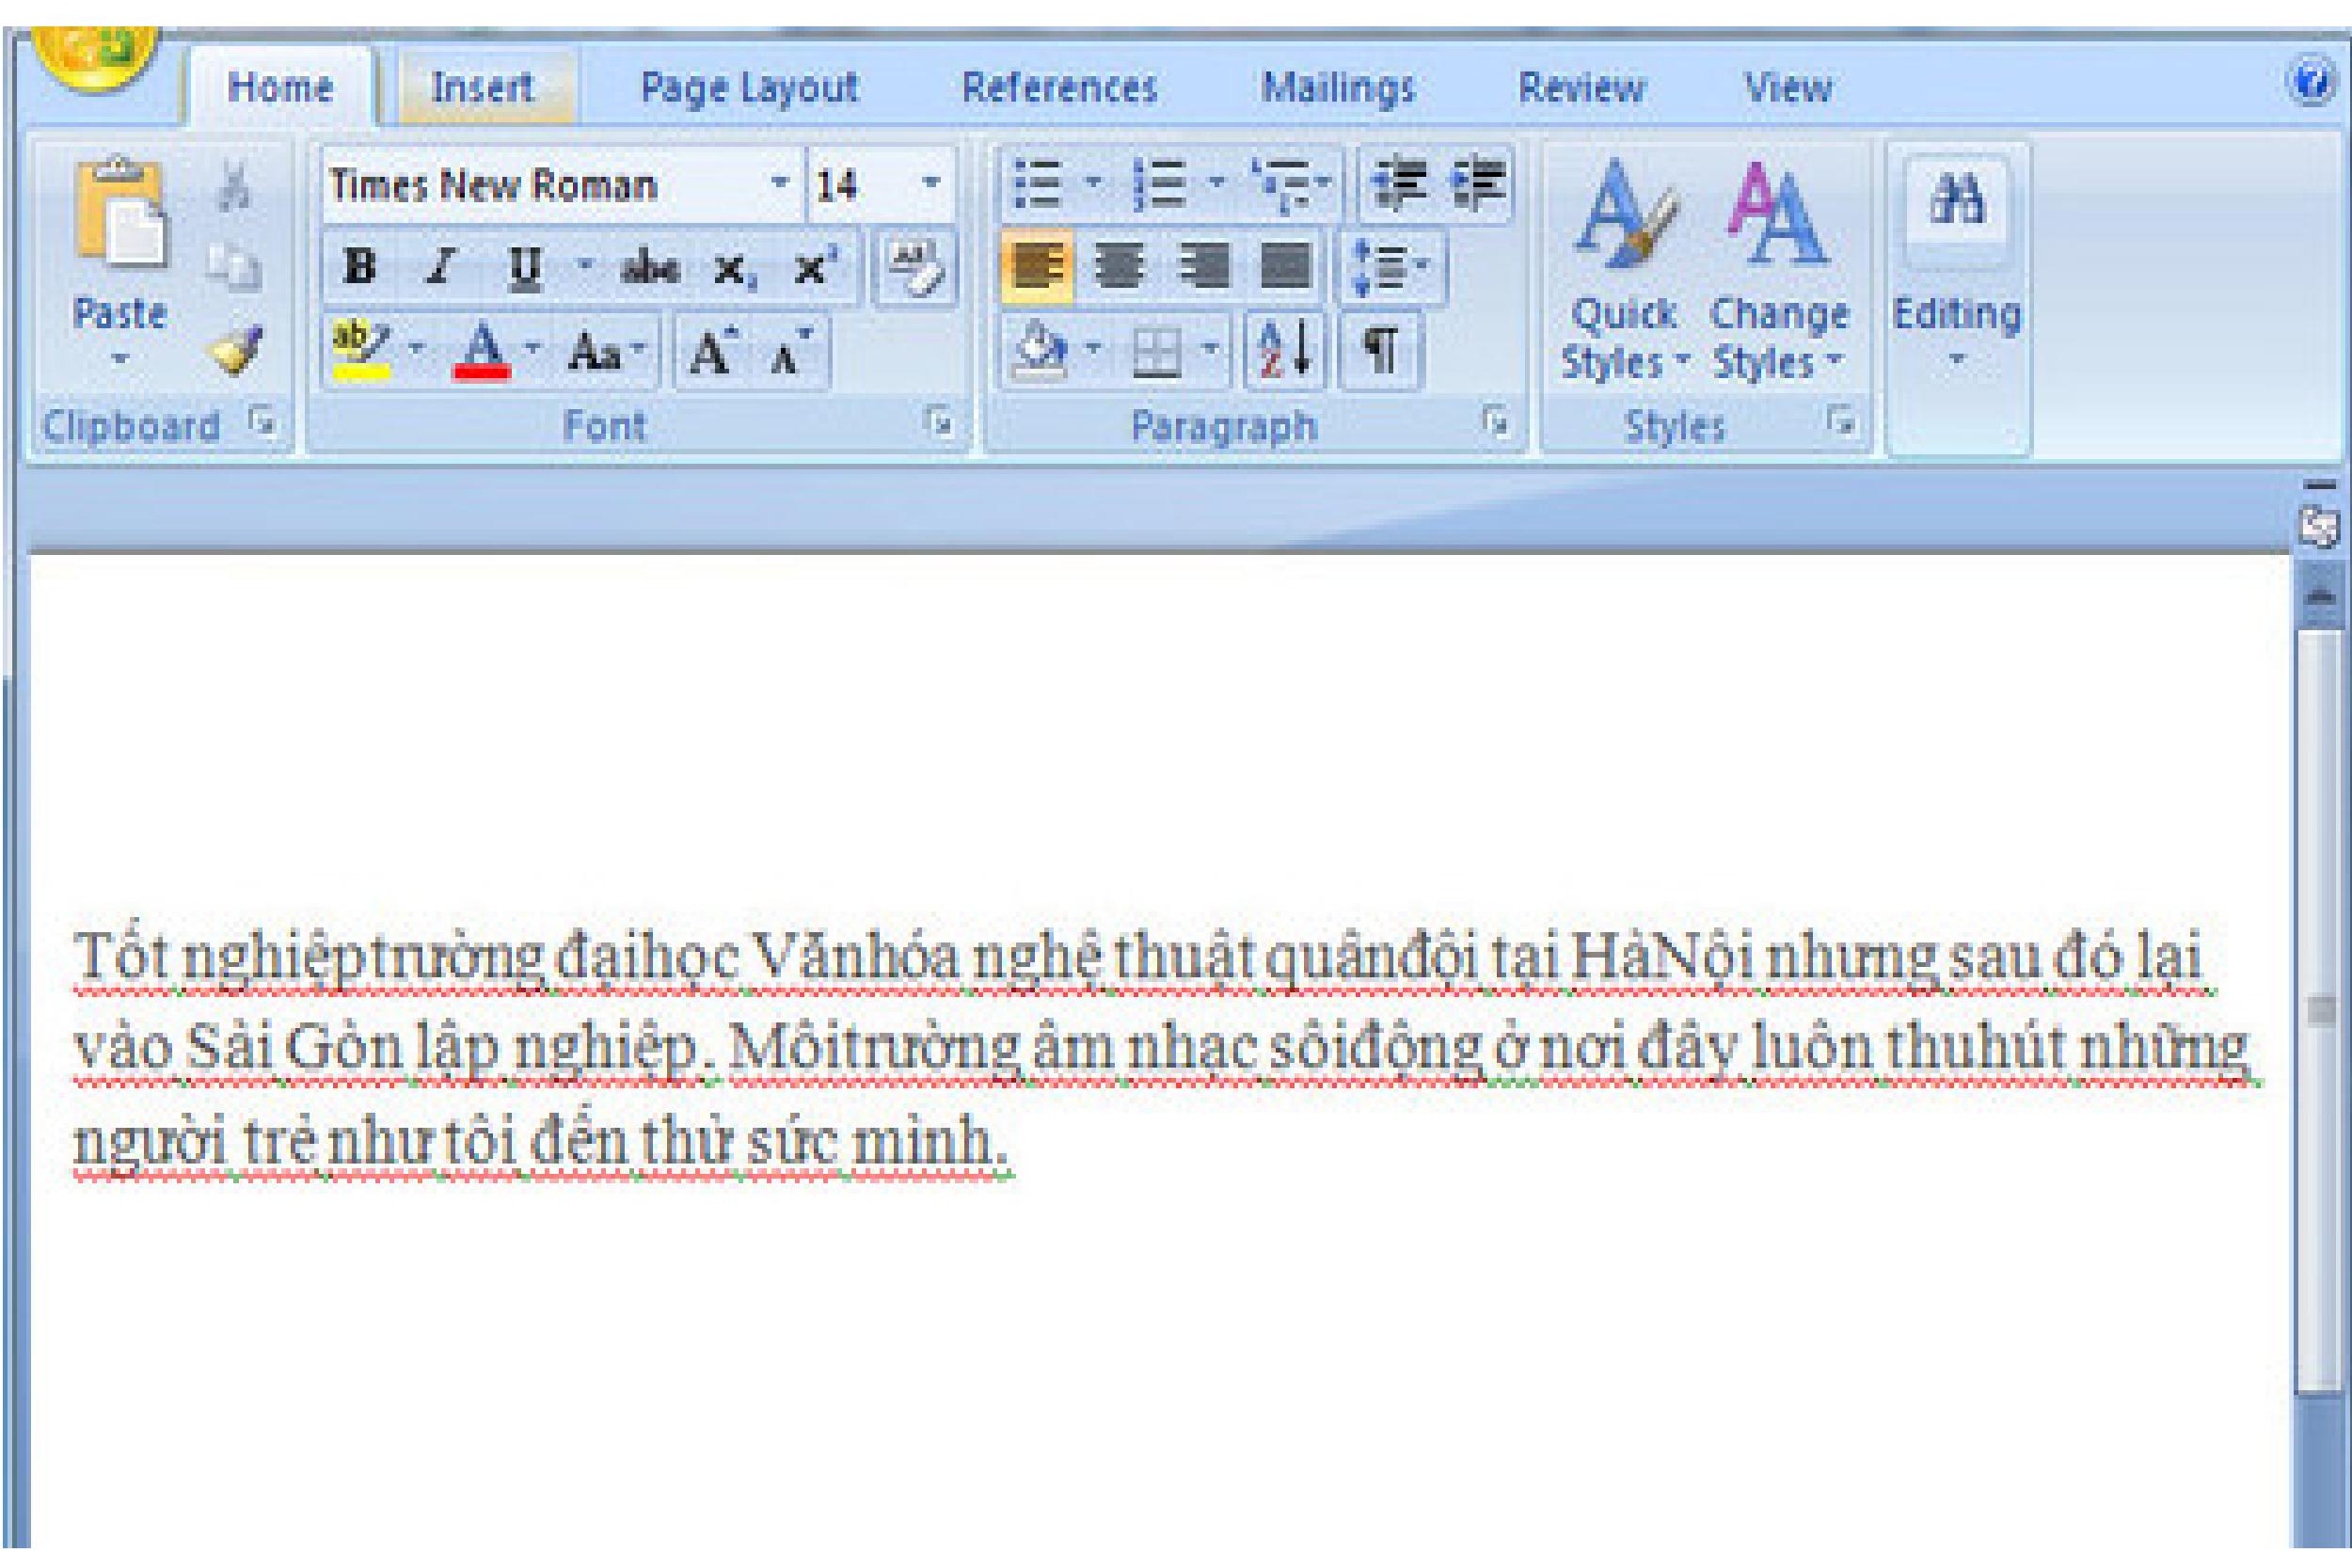 Mẹo sửa lỗi dính chữ trong văn bản đơn giản